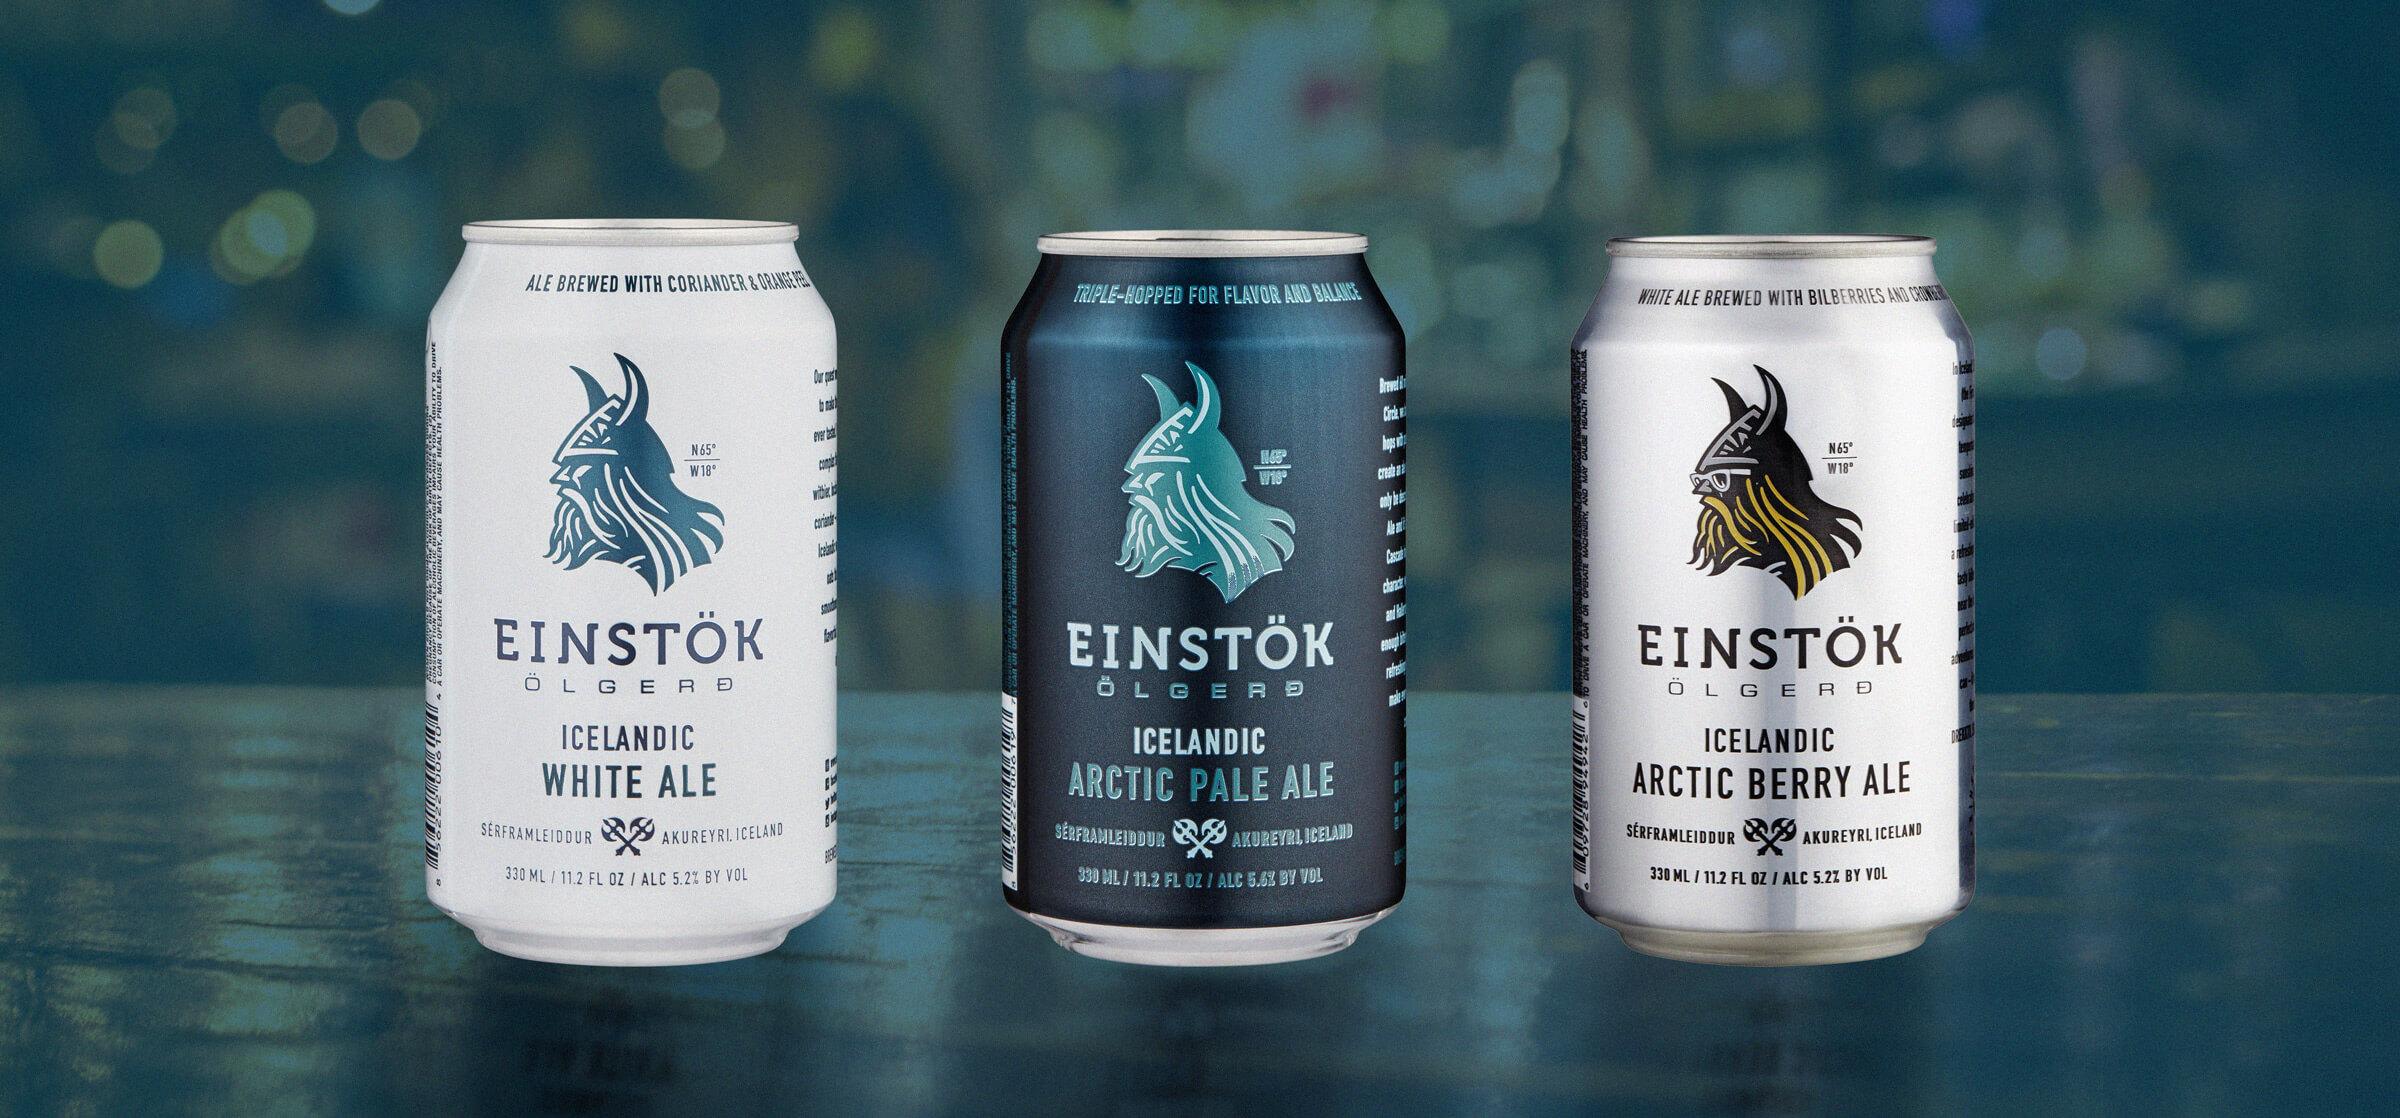 Einstok Cans